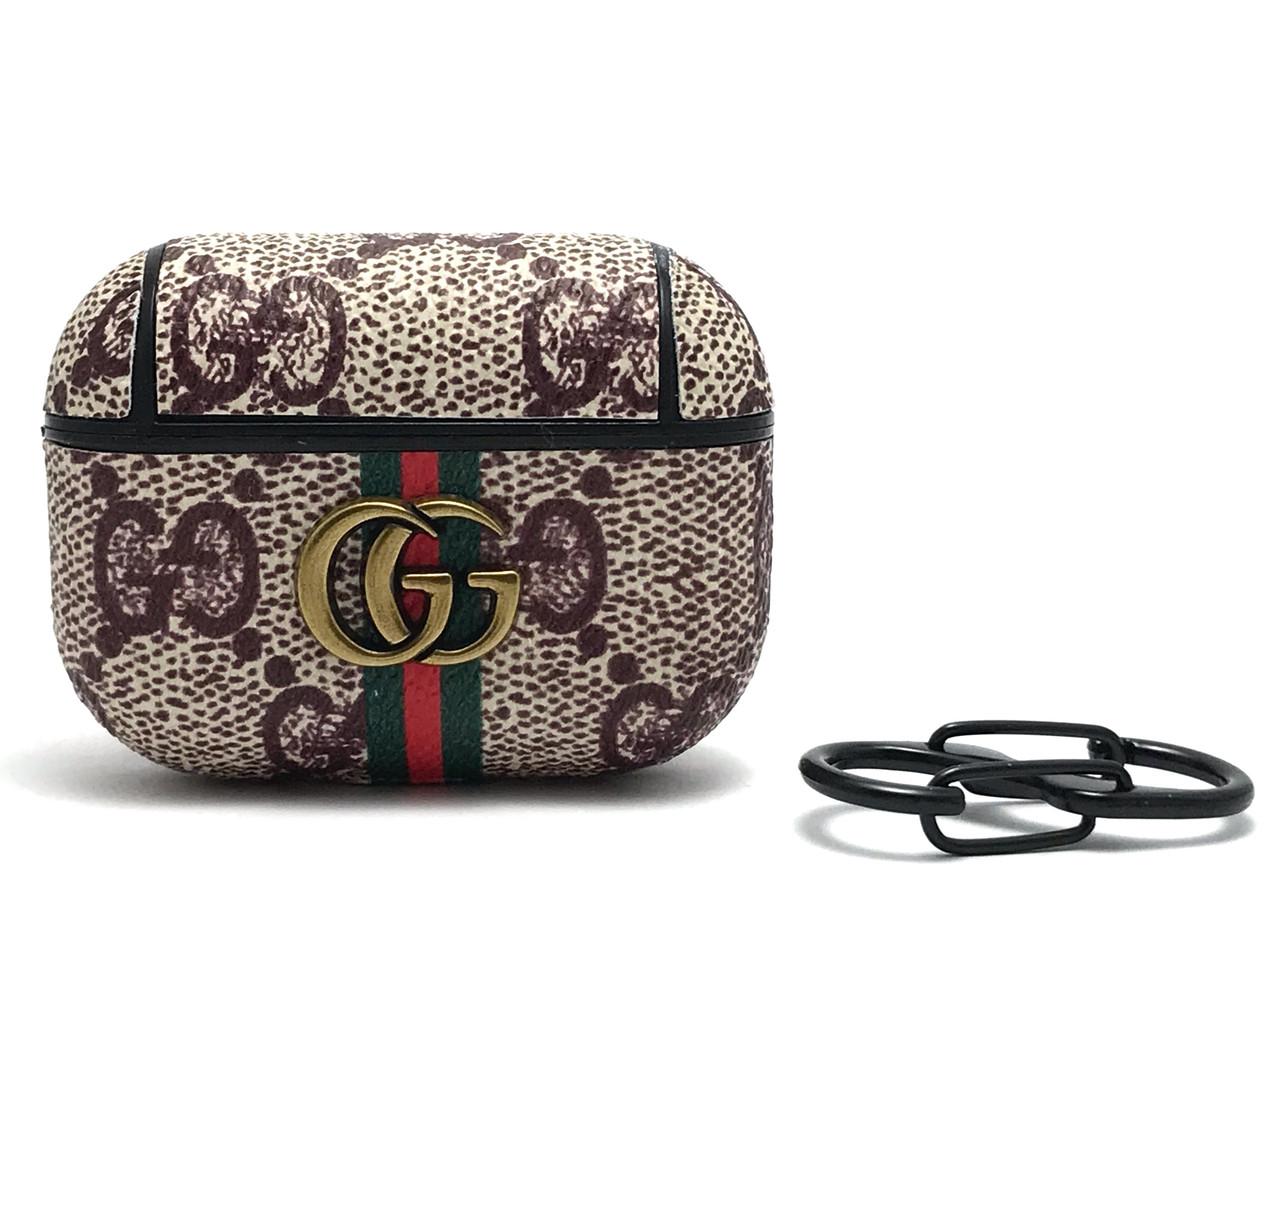 Кожаный чехол Gucci Classic для наушников AirPods Pro.